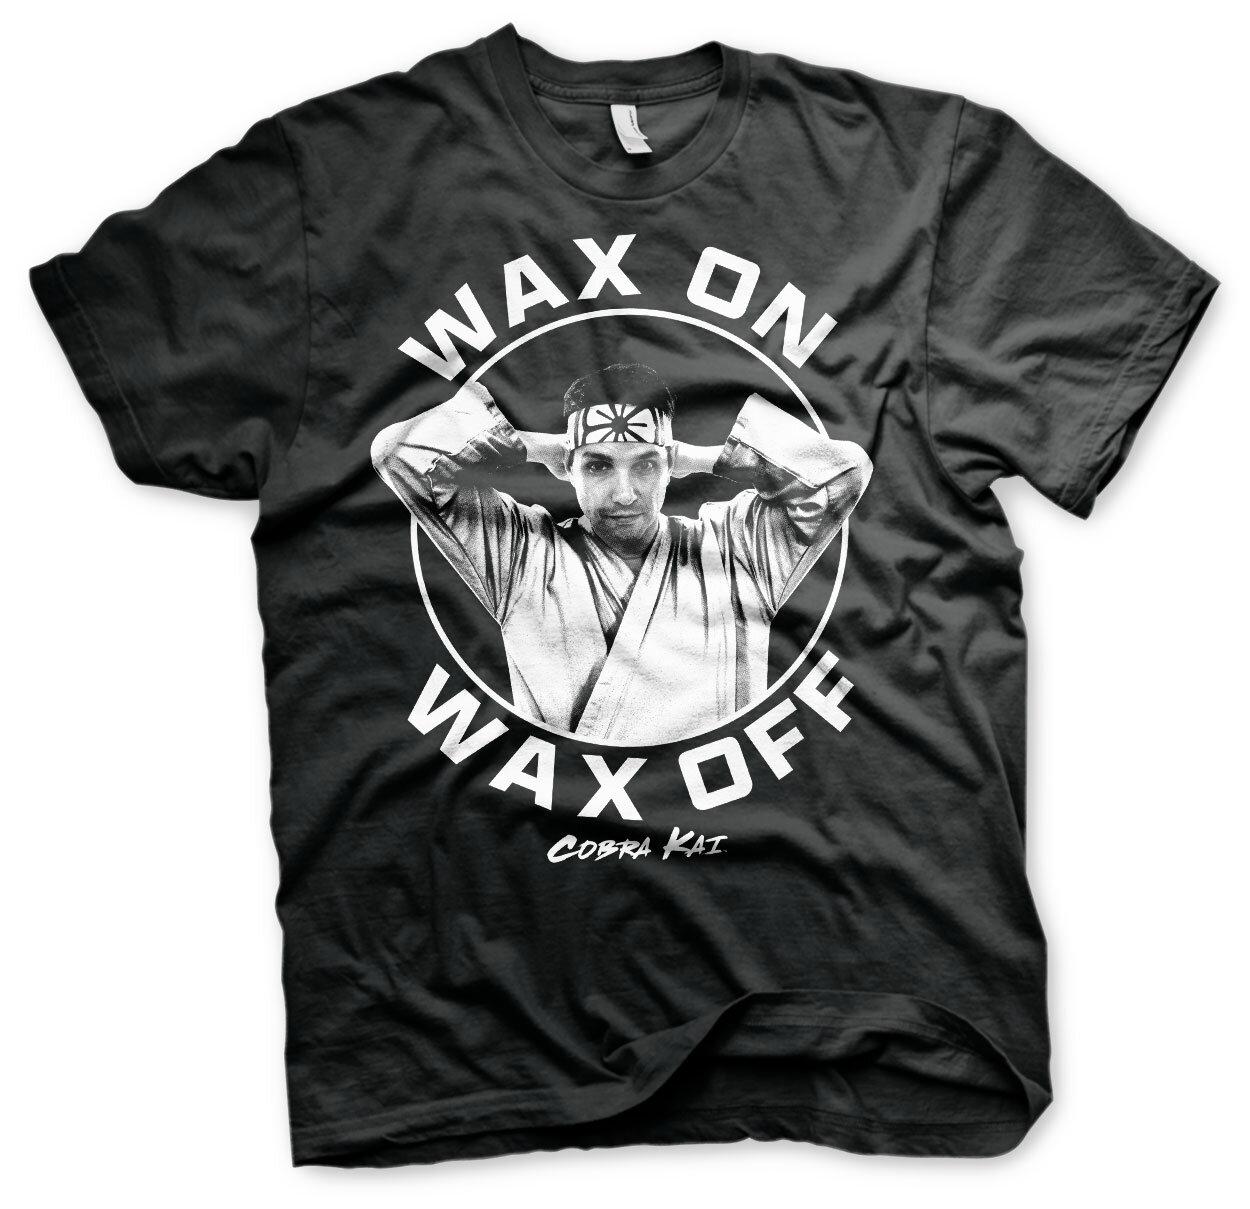 Wax On Wax Off T-Shirt